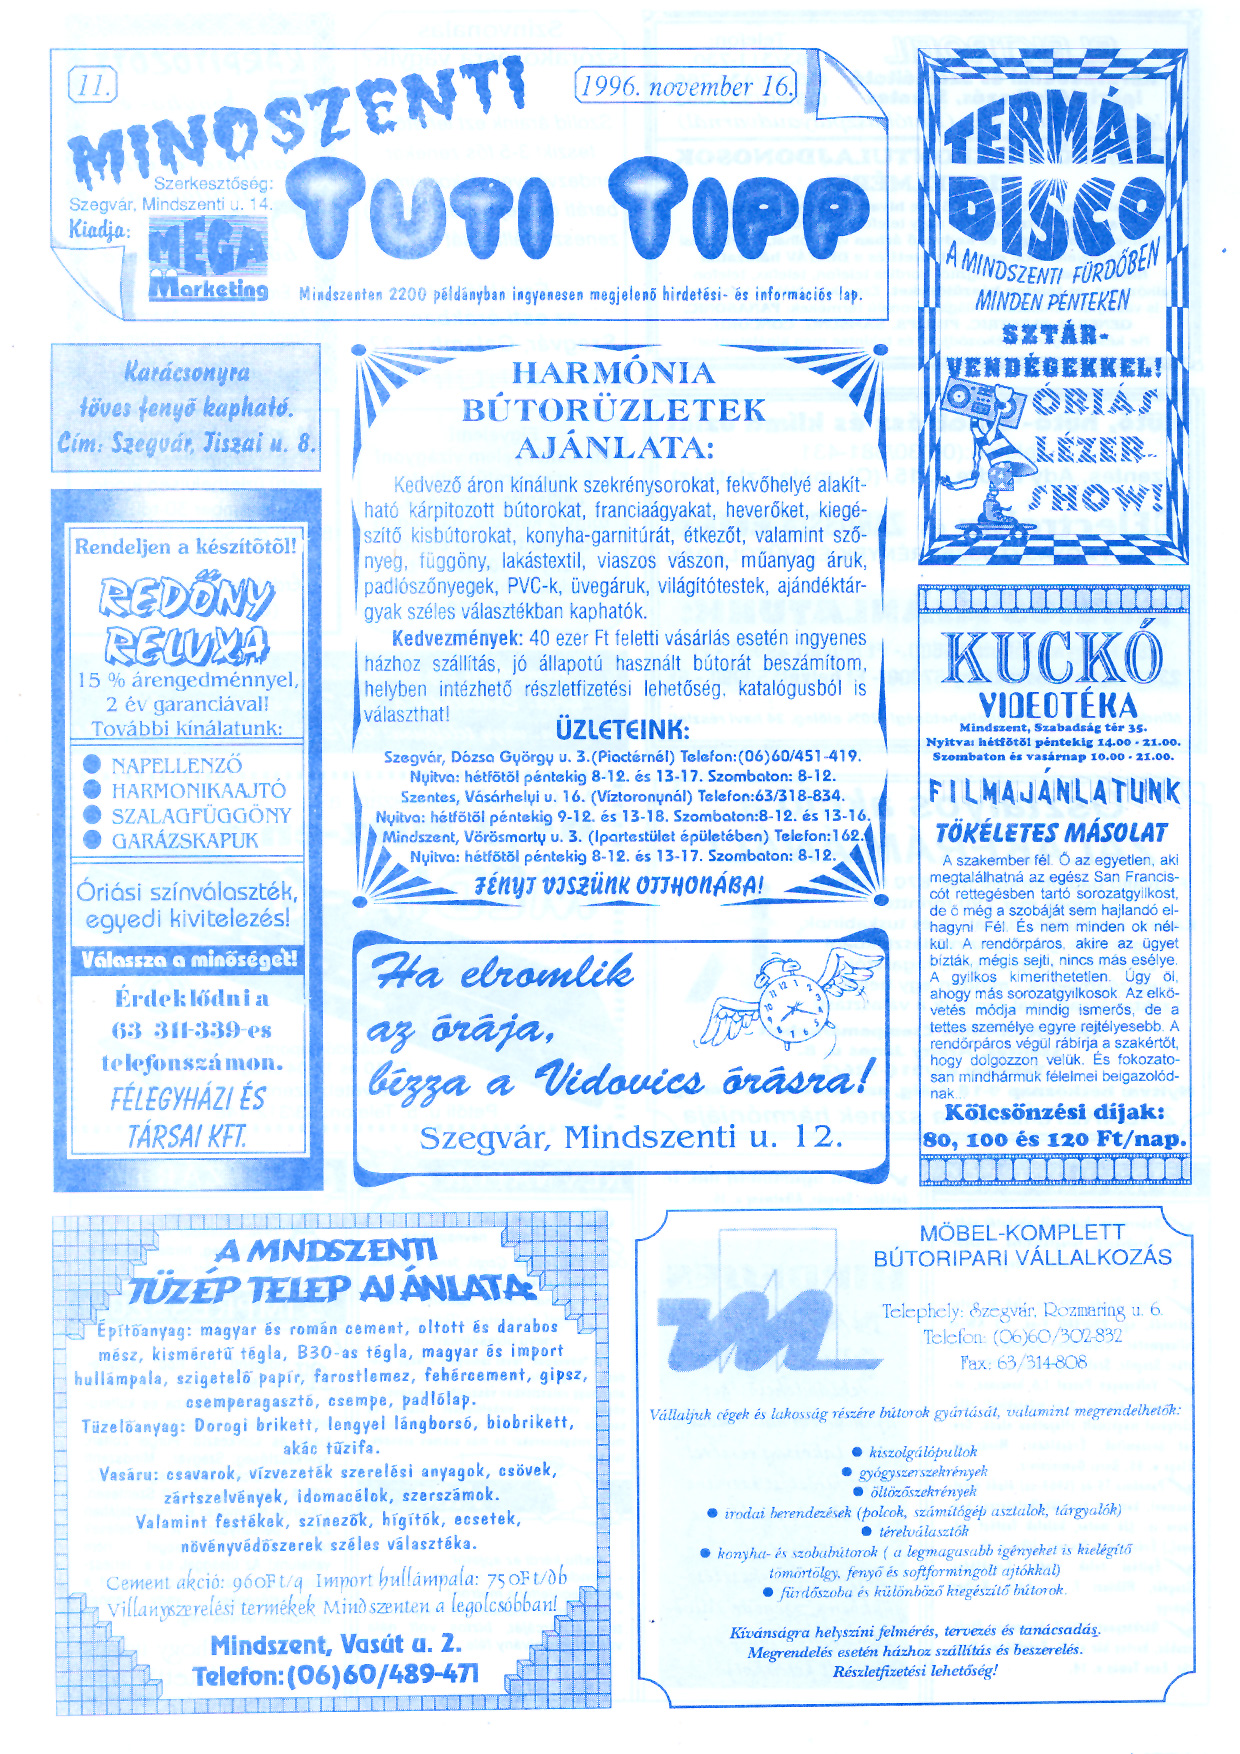 071 Mindszenti Tuti Tipp reklámújság - 19961116-011. lapszám - 1.oldal - II. évfolyam.jpg